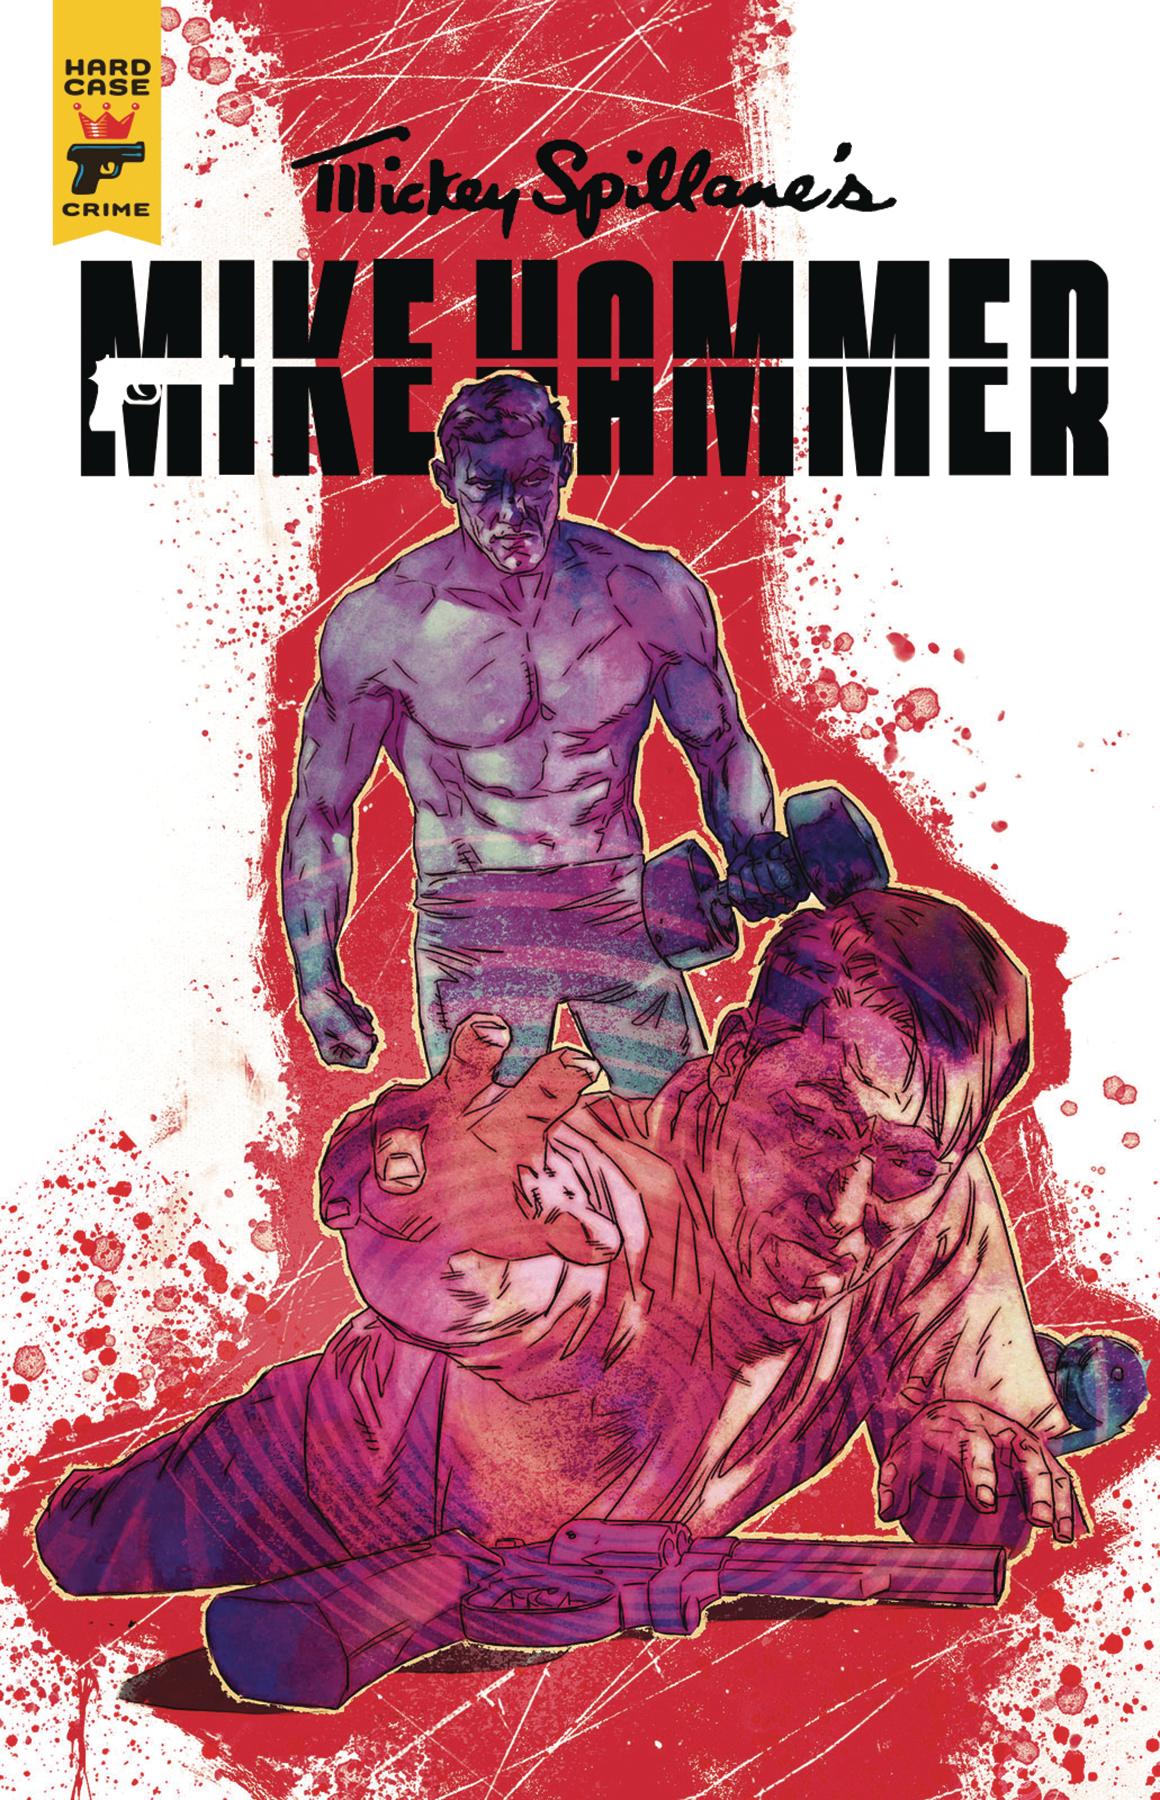 MIKE HAMMER #3 CVR B CHATER